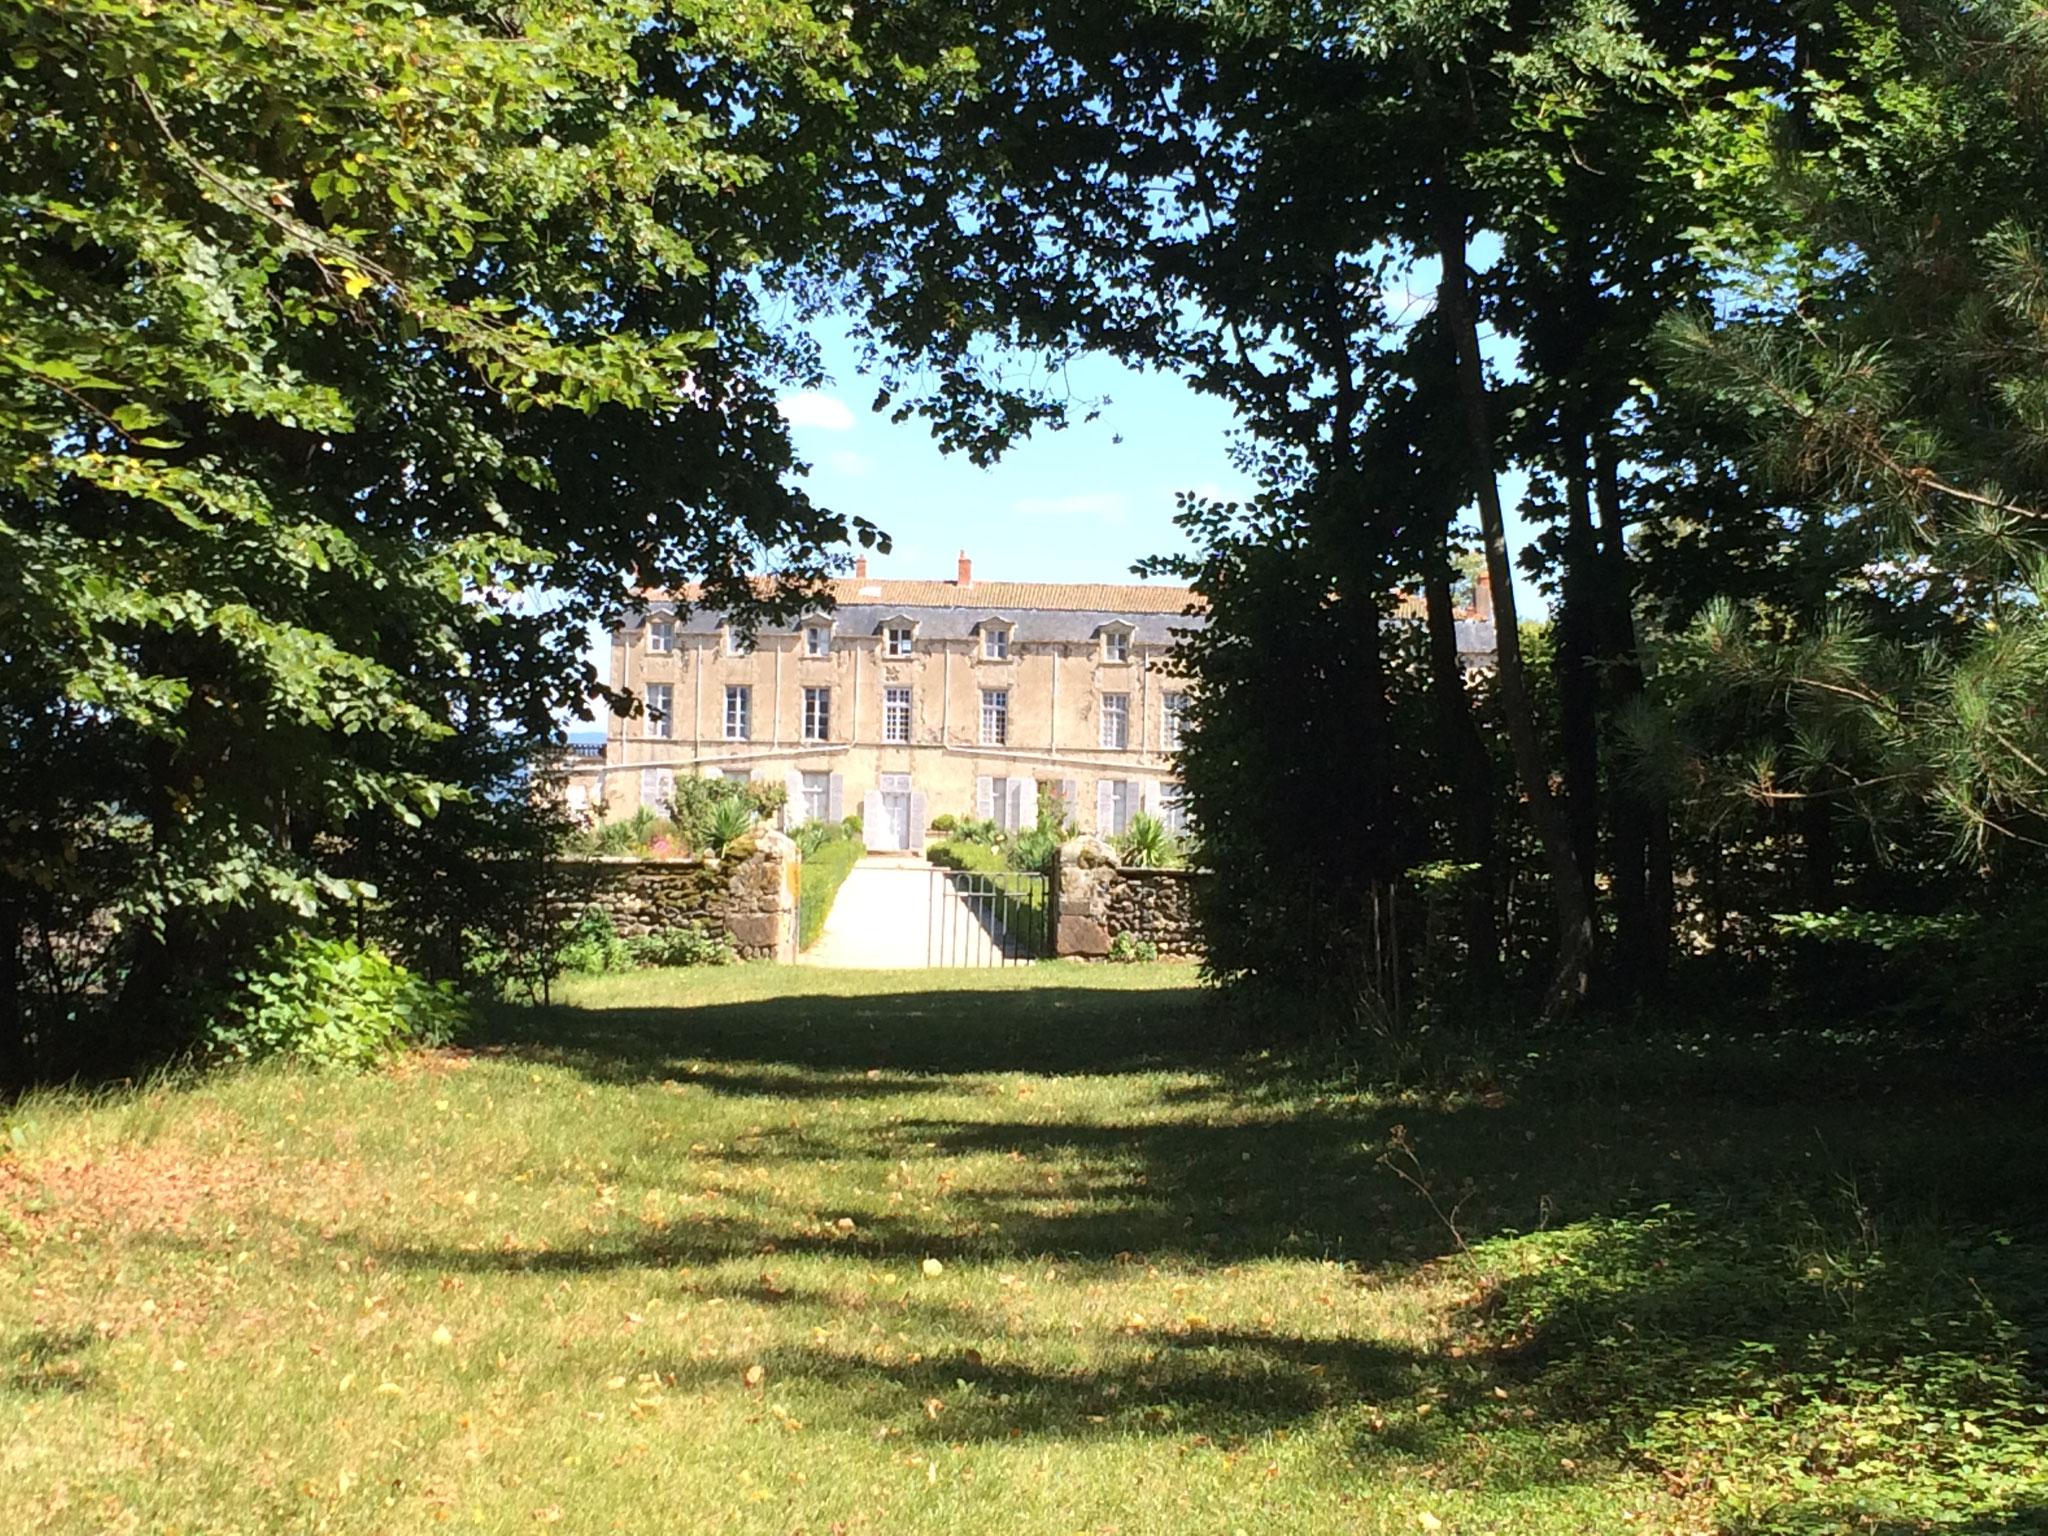 Les jardins du château de Hauterive, à 25 minutes de La Villa Victoria Auvergne.